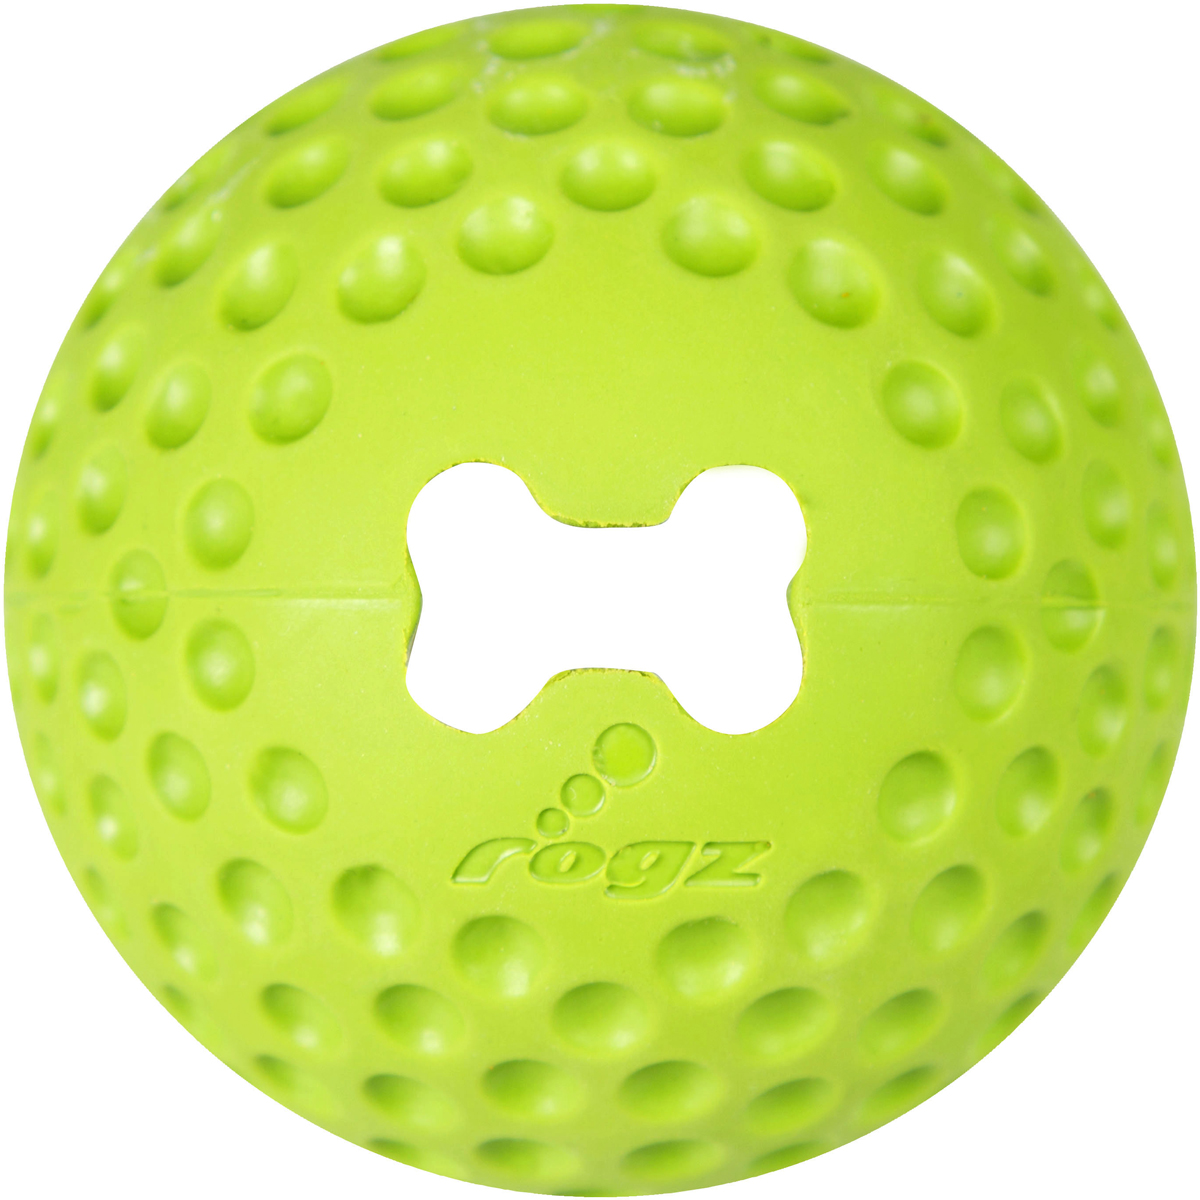 Игрушка для собак Rogz  Gumz , с отверстием для лакомства, цвет: лайм, диаметр 7,8 см - Игрушки